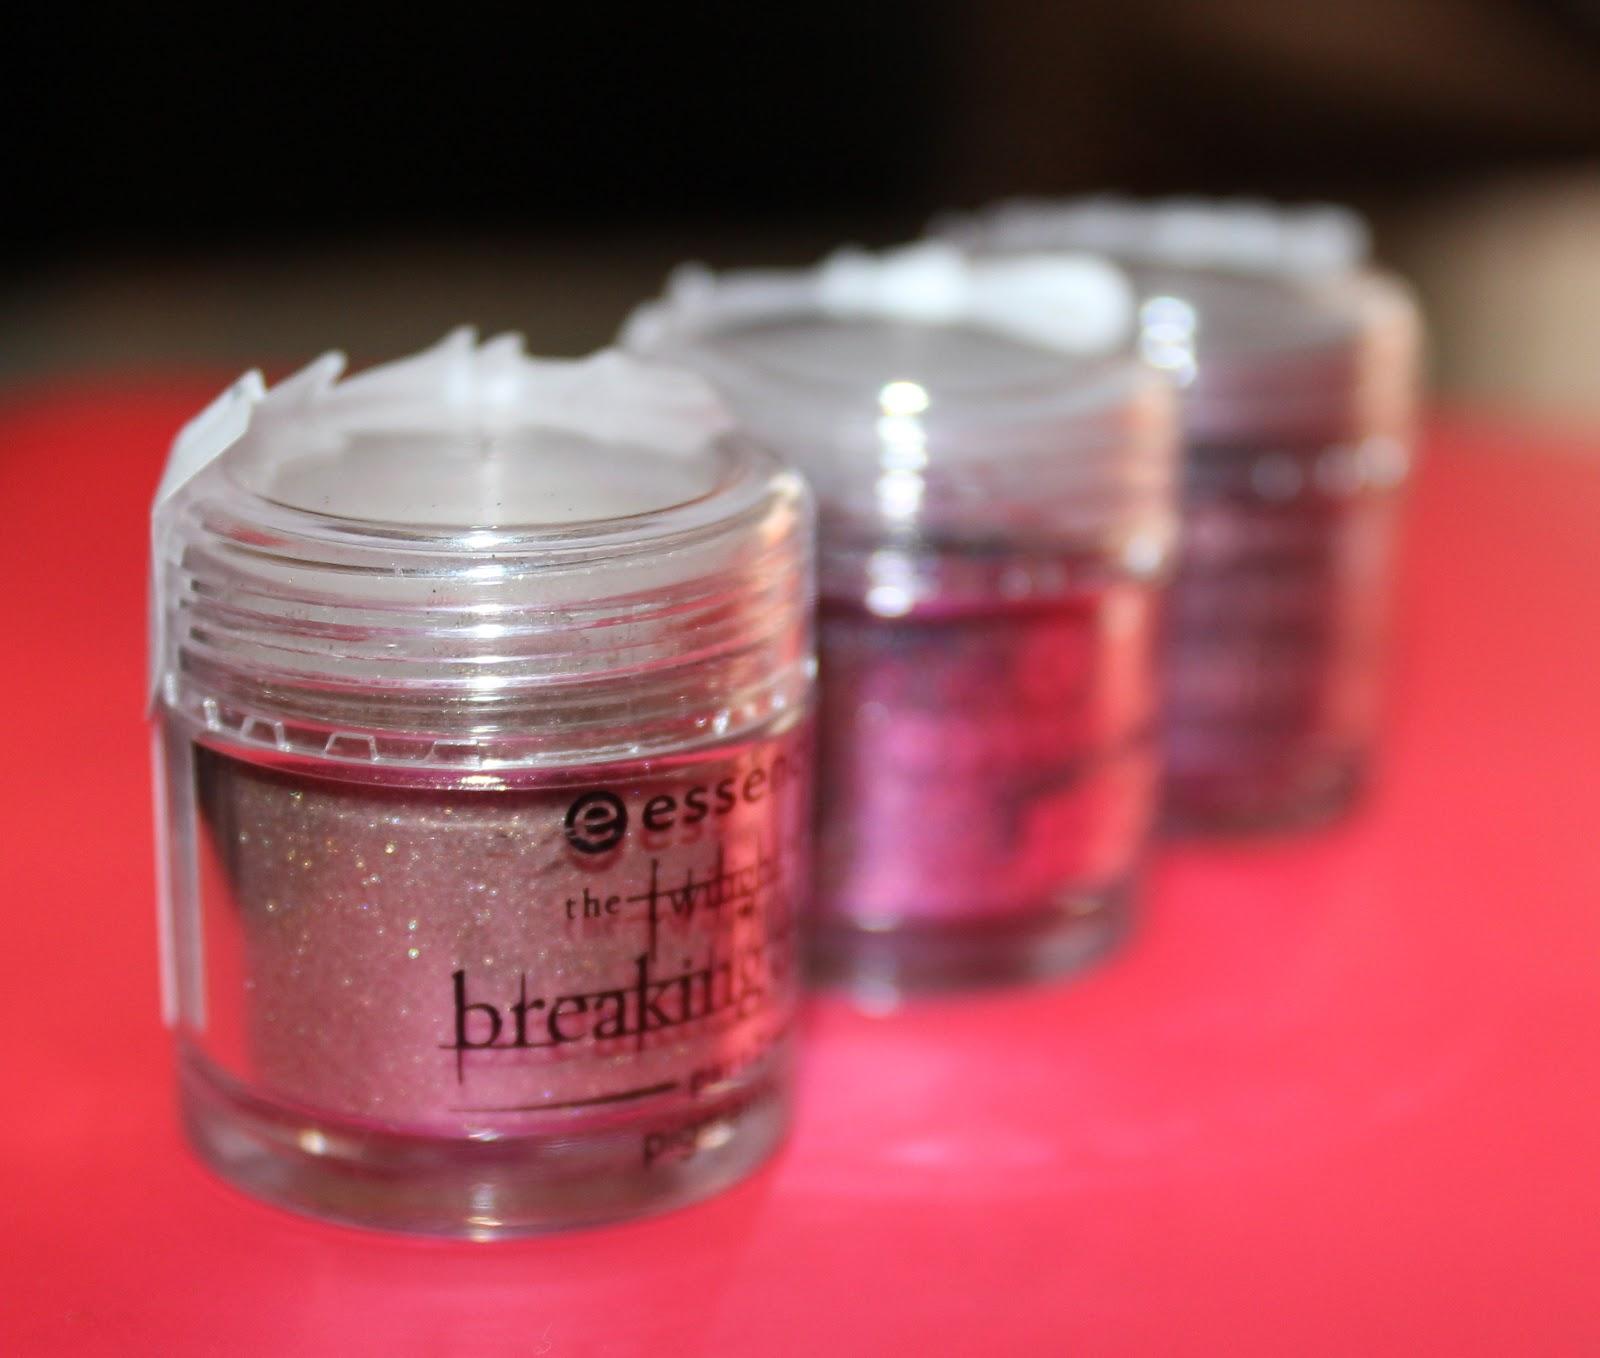 Essence pigments - ideja za novogodišnju noć?